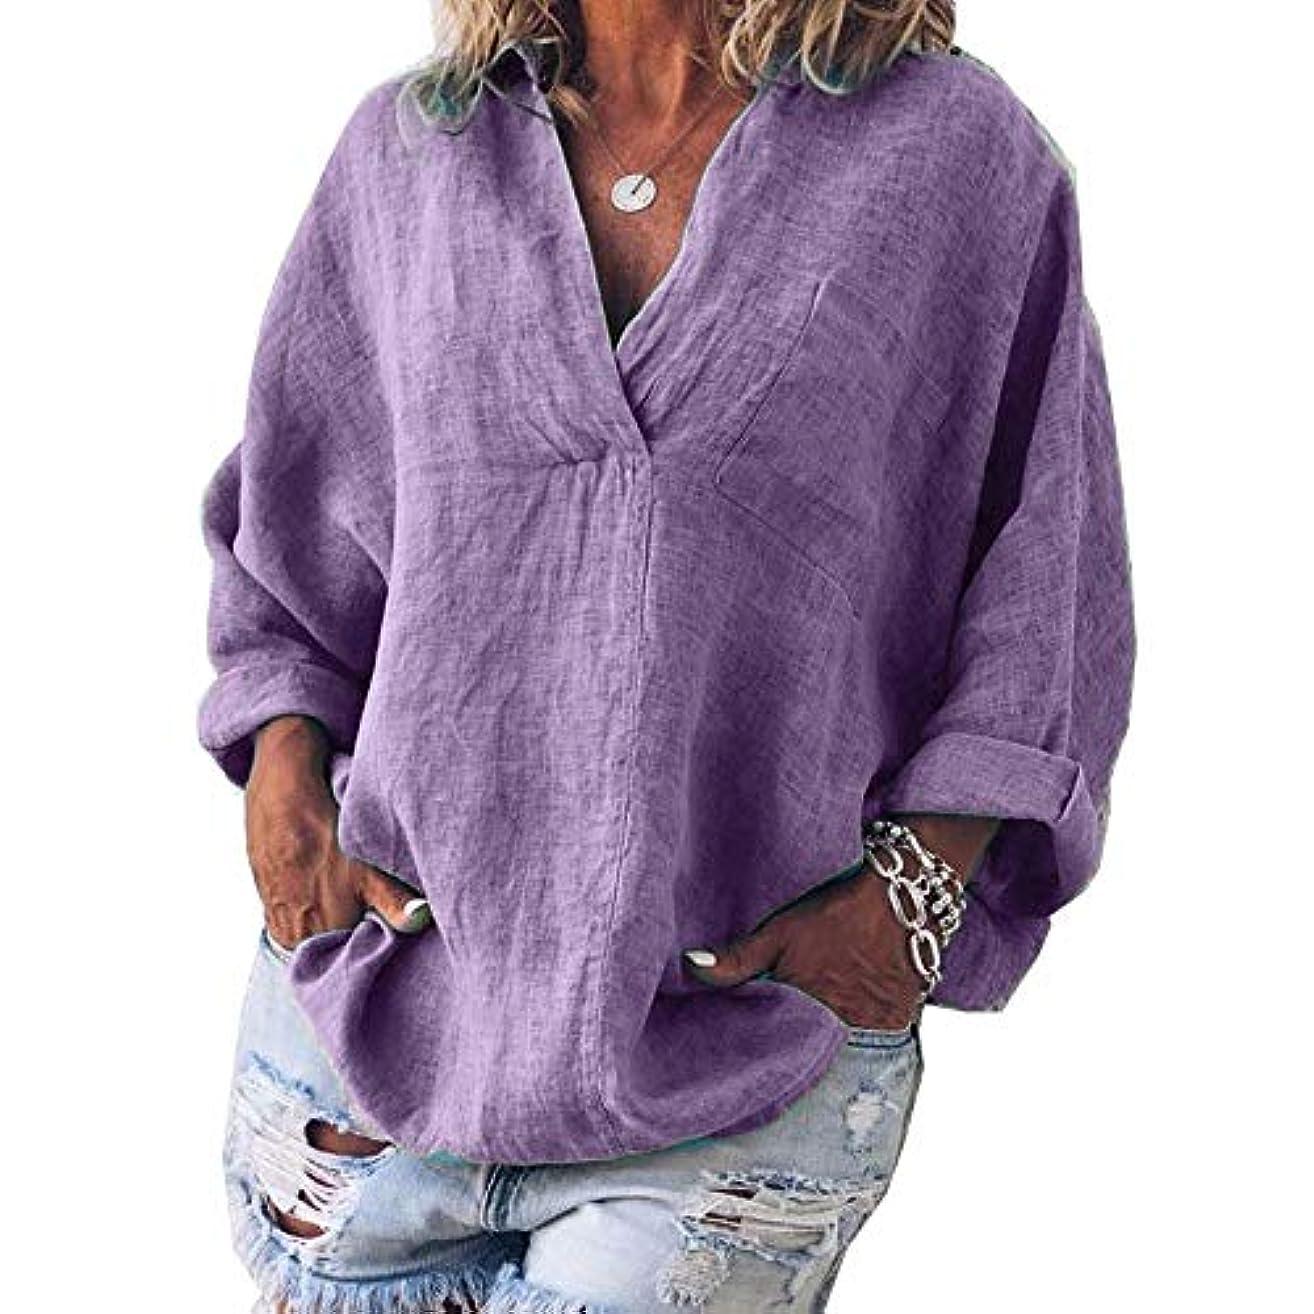 はさみ沿ってふざけたMIFAN女性ファッション春夏チュニックトップス深いVネックTシャツ長袖プルオーバールーズリネンブラウス